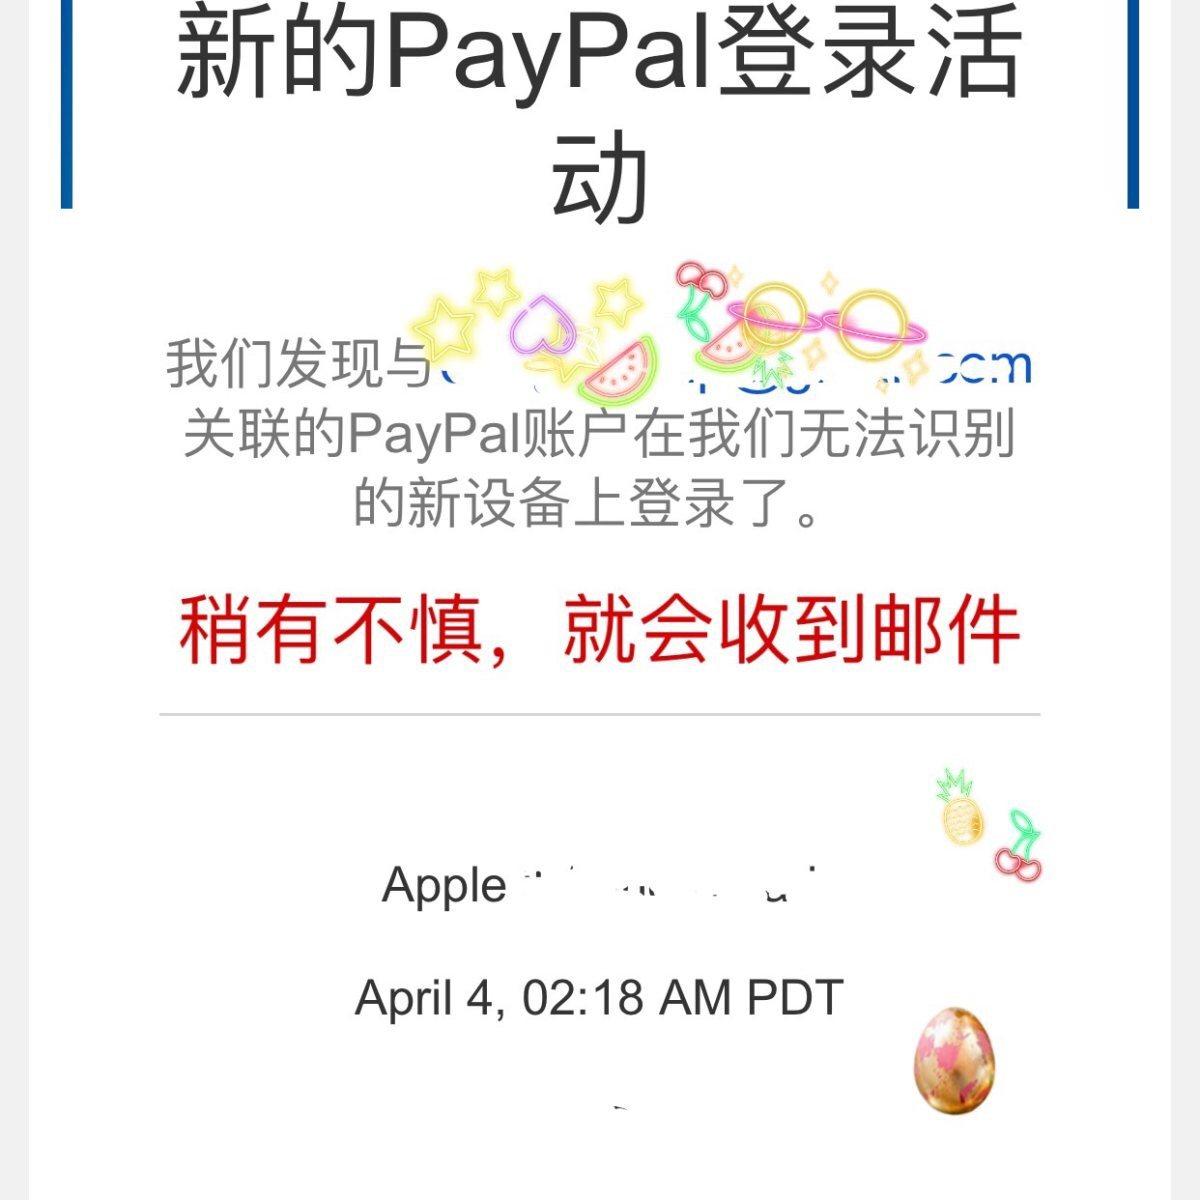 美国paypal注册容易养号难 美paypal是可以在淘宝买